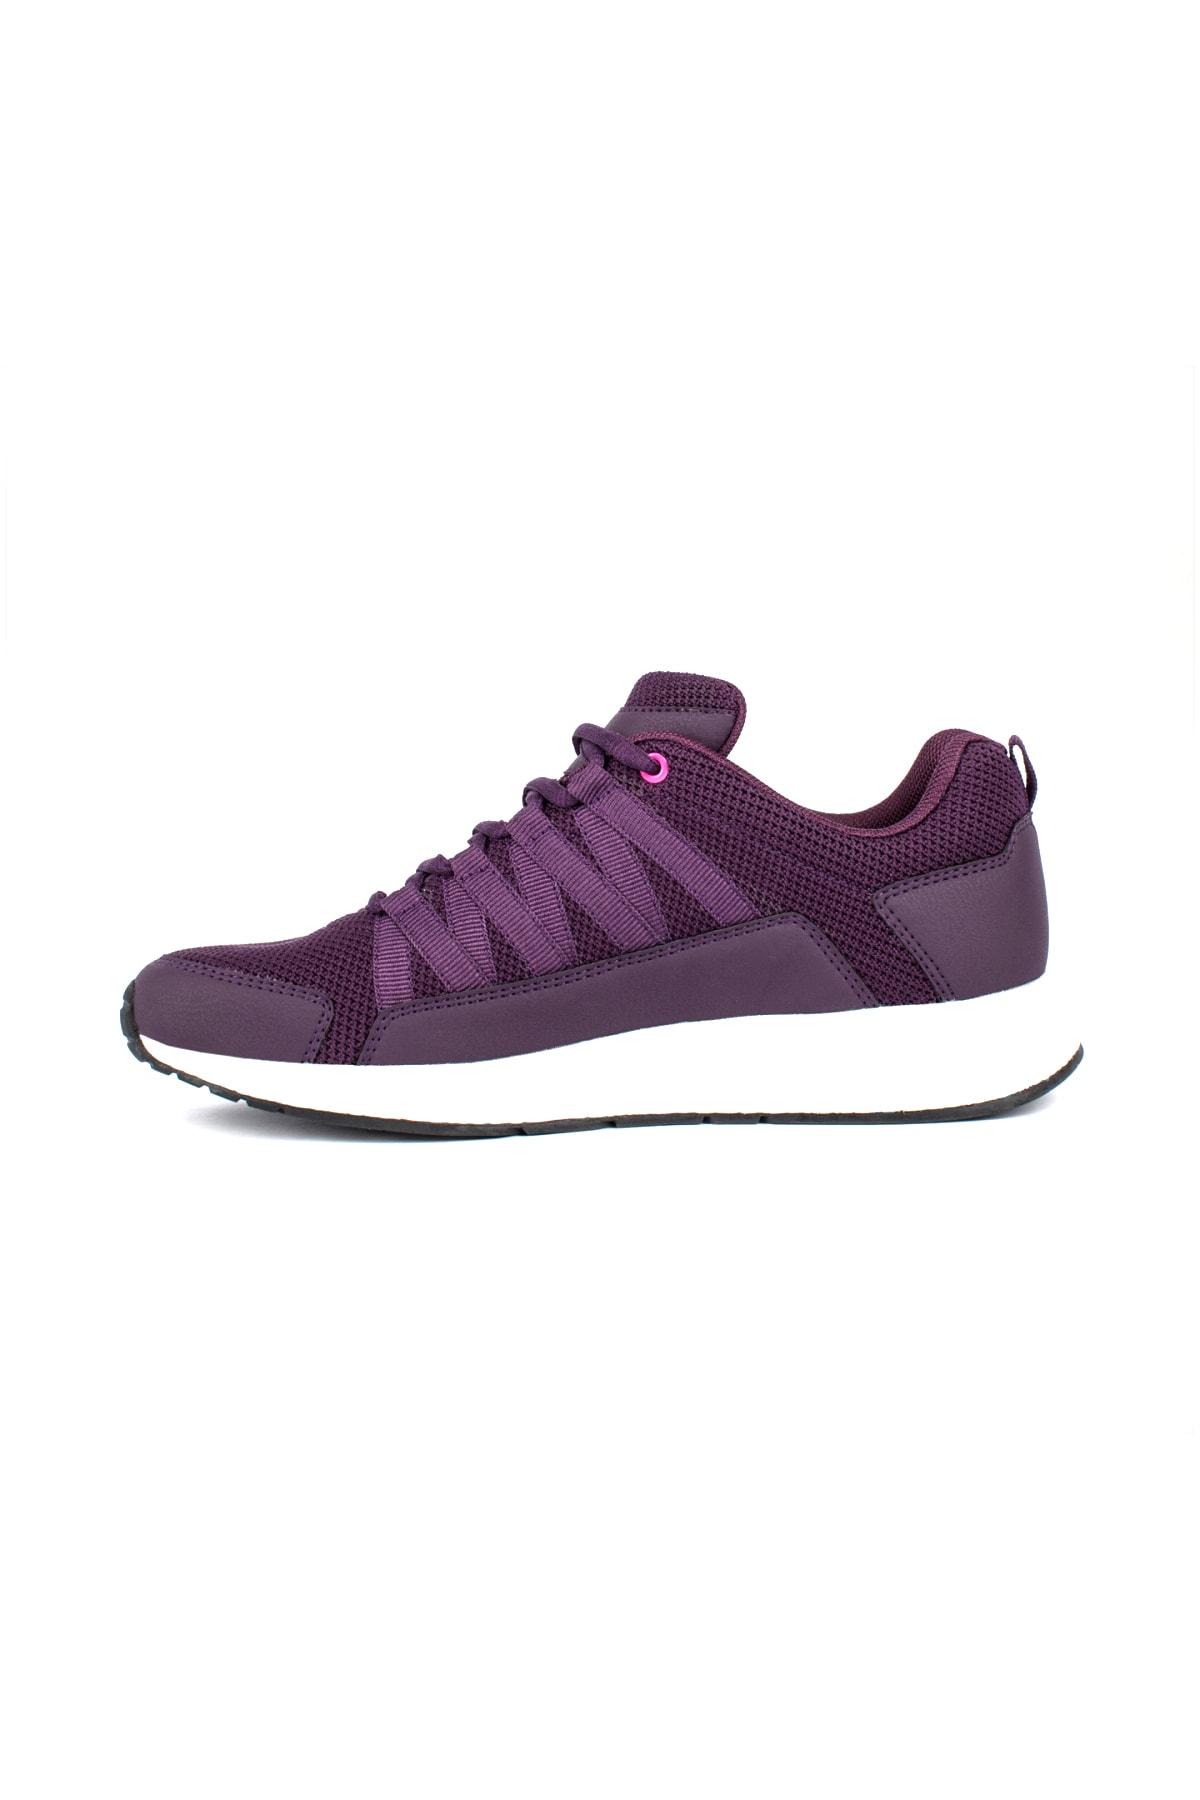 Lescon Kadın Mor  Easystep  Günlük Spor Ayakkabı L-5616 2